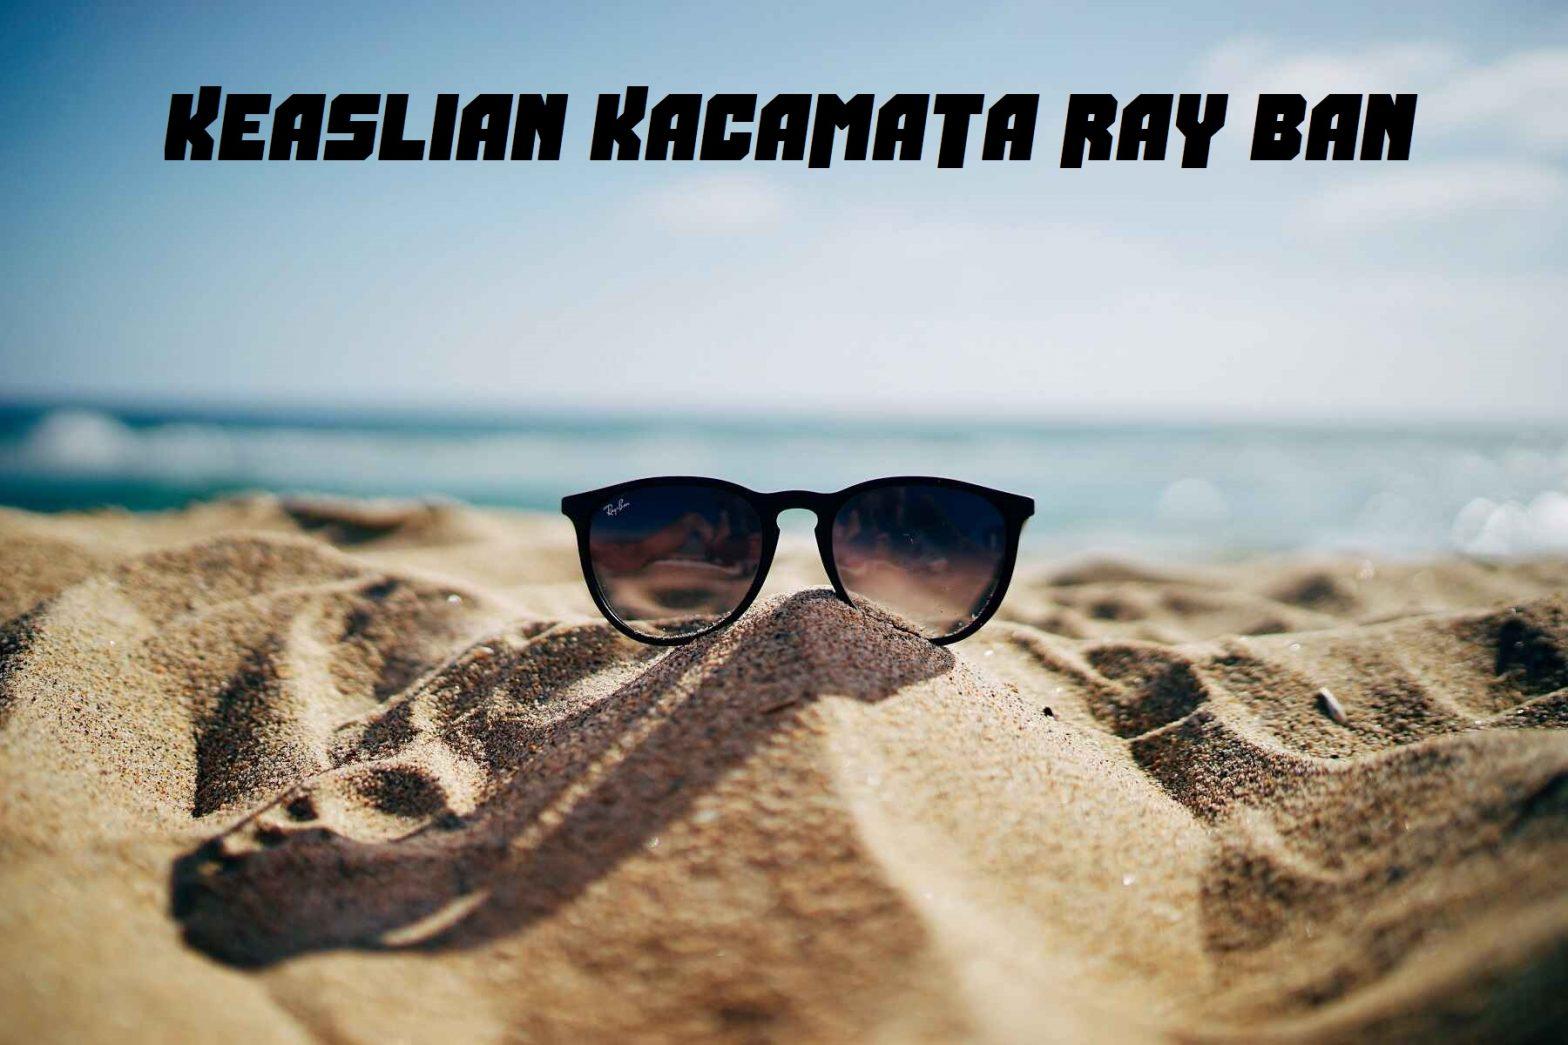 Keaslian Kacamata Ray Ban